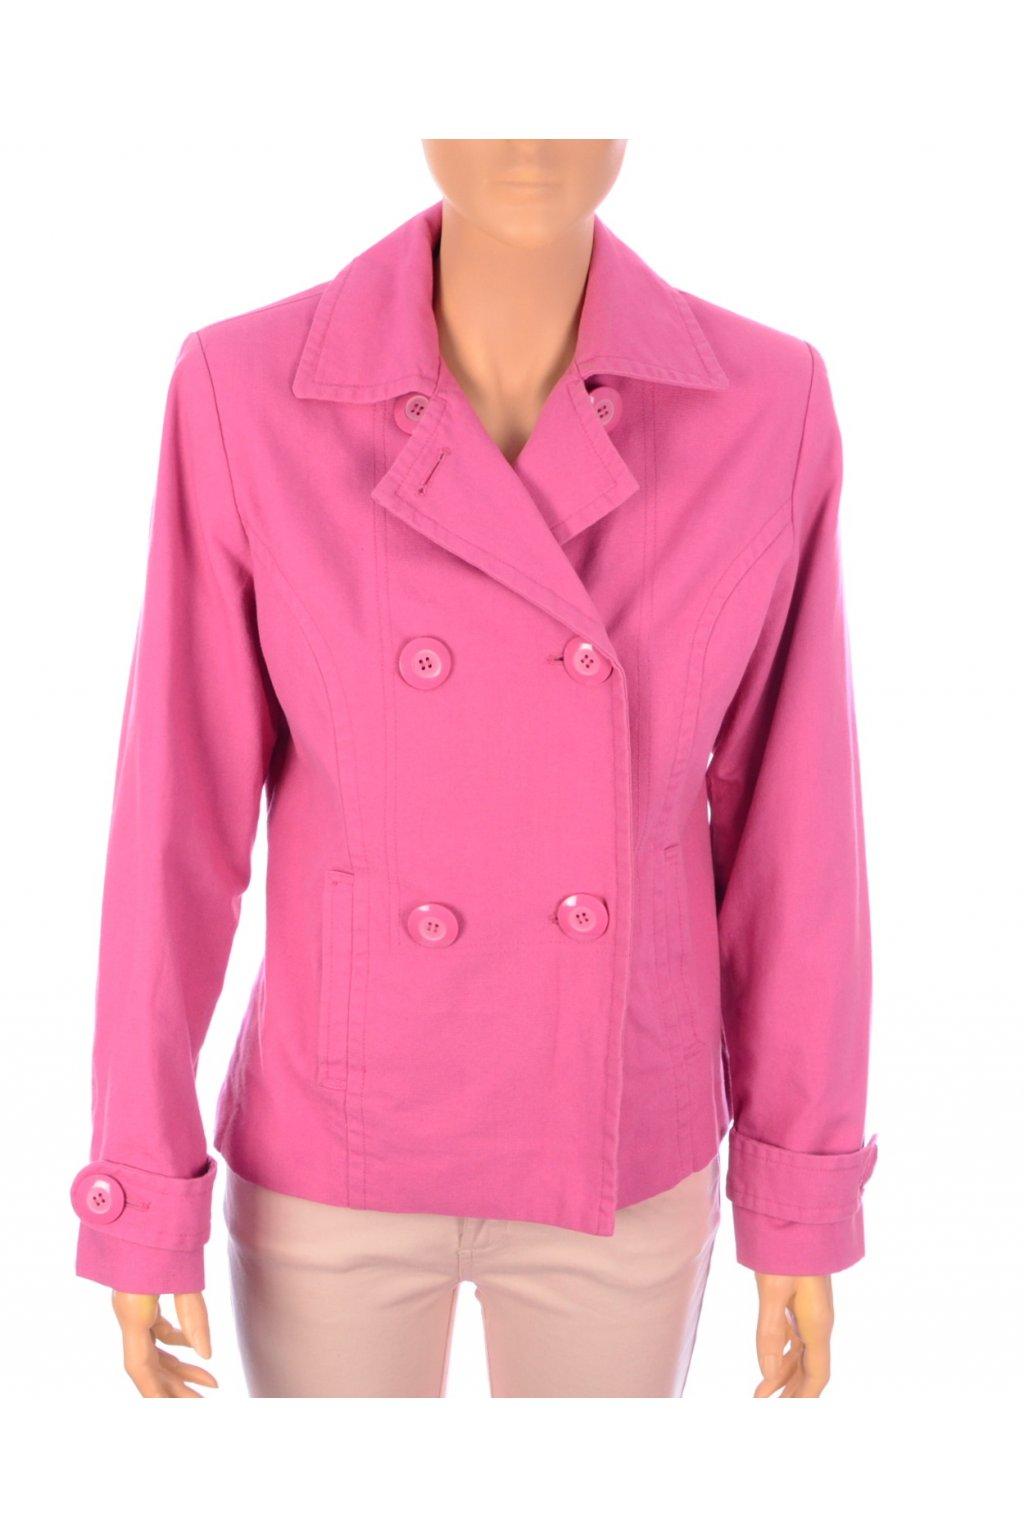 Kabát krátký LaVie vel. M růžový